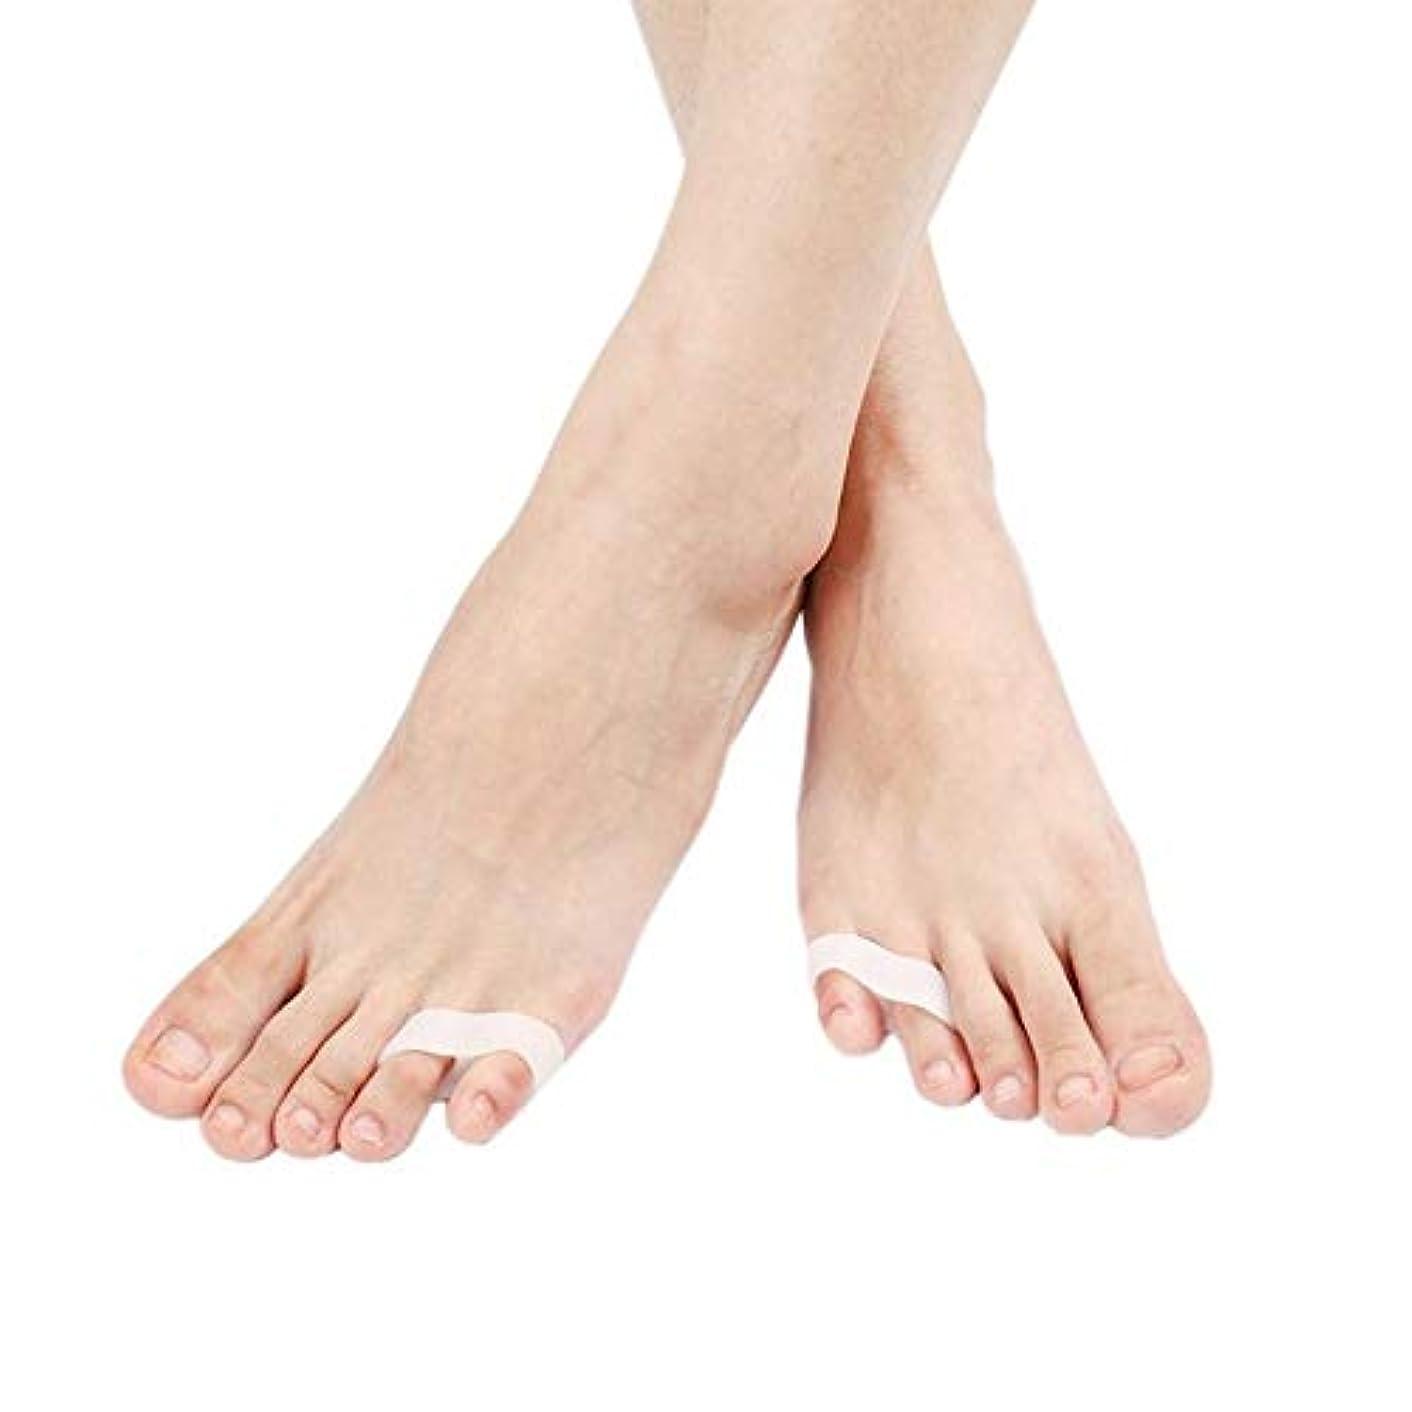 化学薬品額神秘内反小趾 サポーター 足指分離パッド 小指サポーター 内反小趾矯正 内反小趾対策 歩行の負担を軽減 衝撃吸収 足指広げケア セパレーター フィットケア グッズ 男女適用 おしゃれ 人気